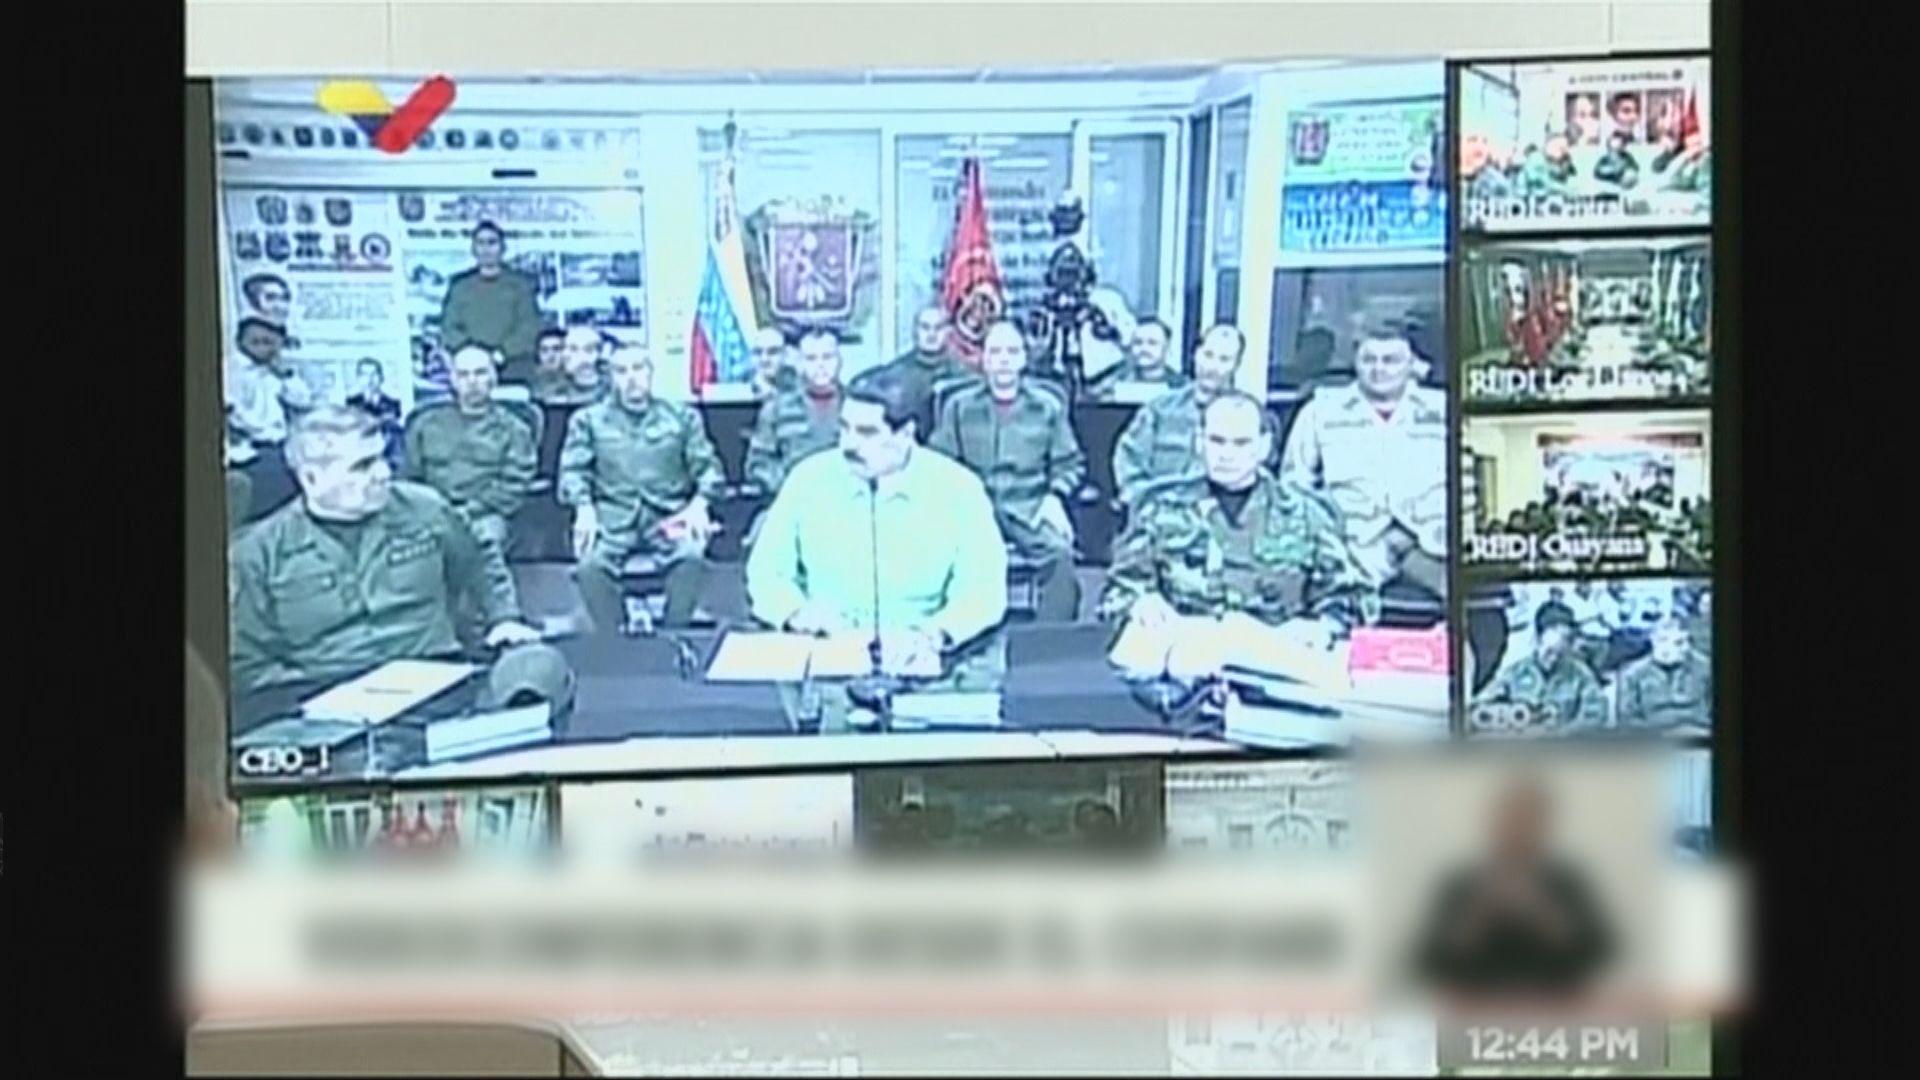 馬杜羅宣布關閉委國接壤巴西邊境